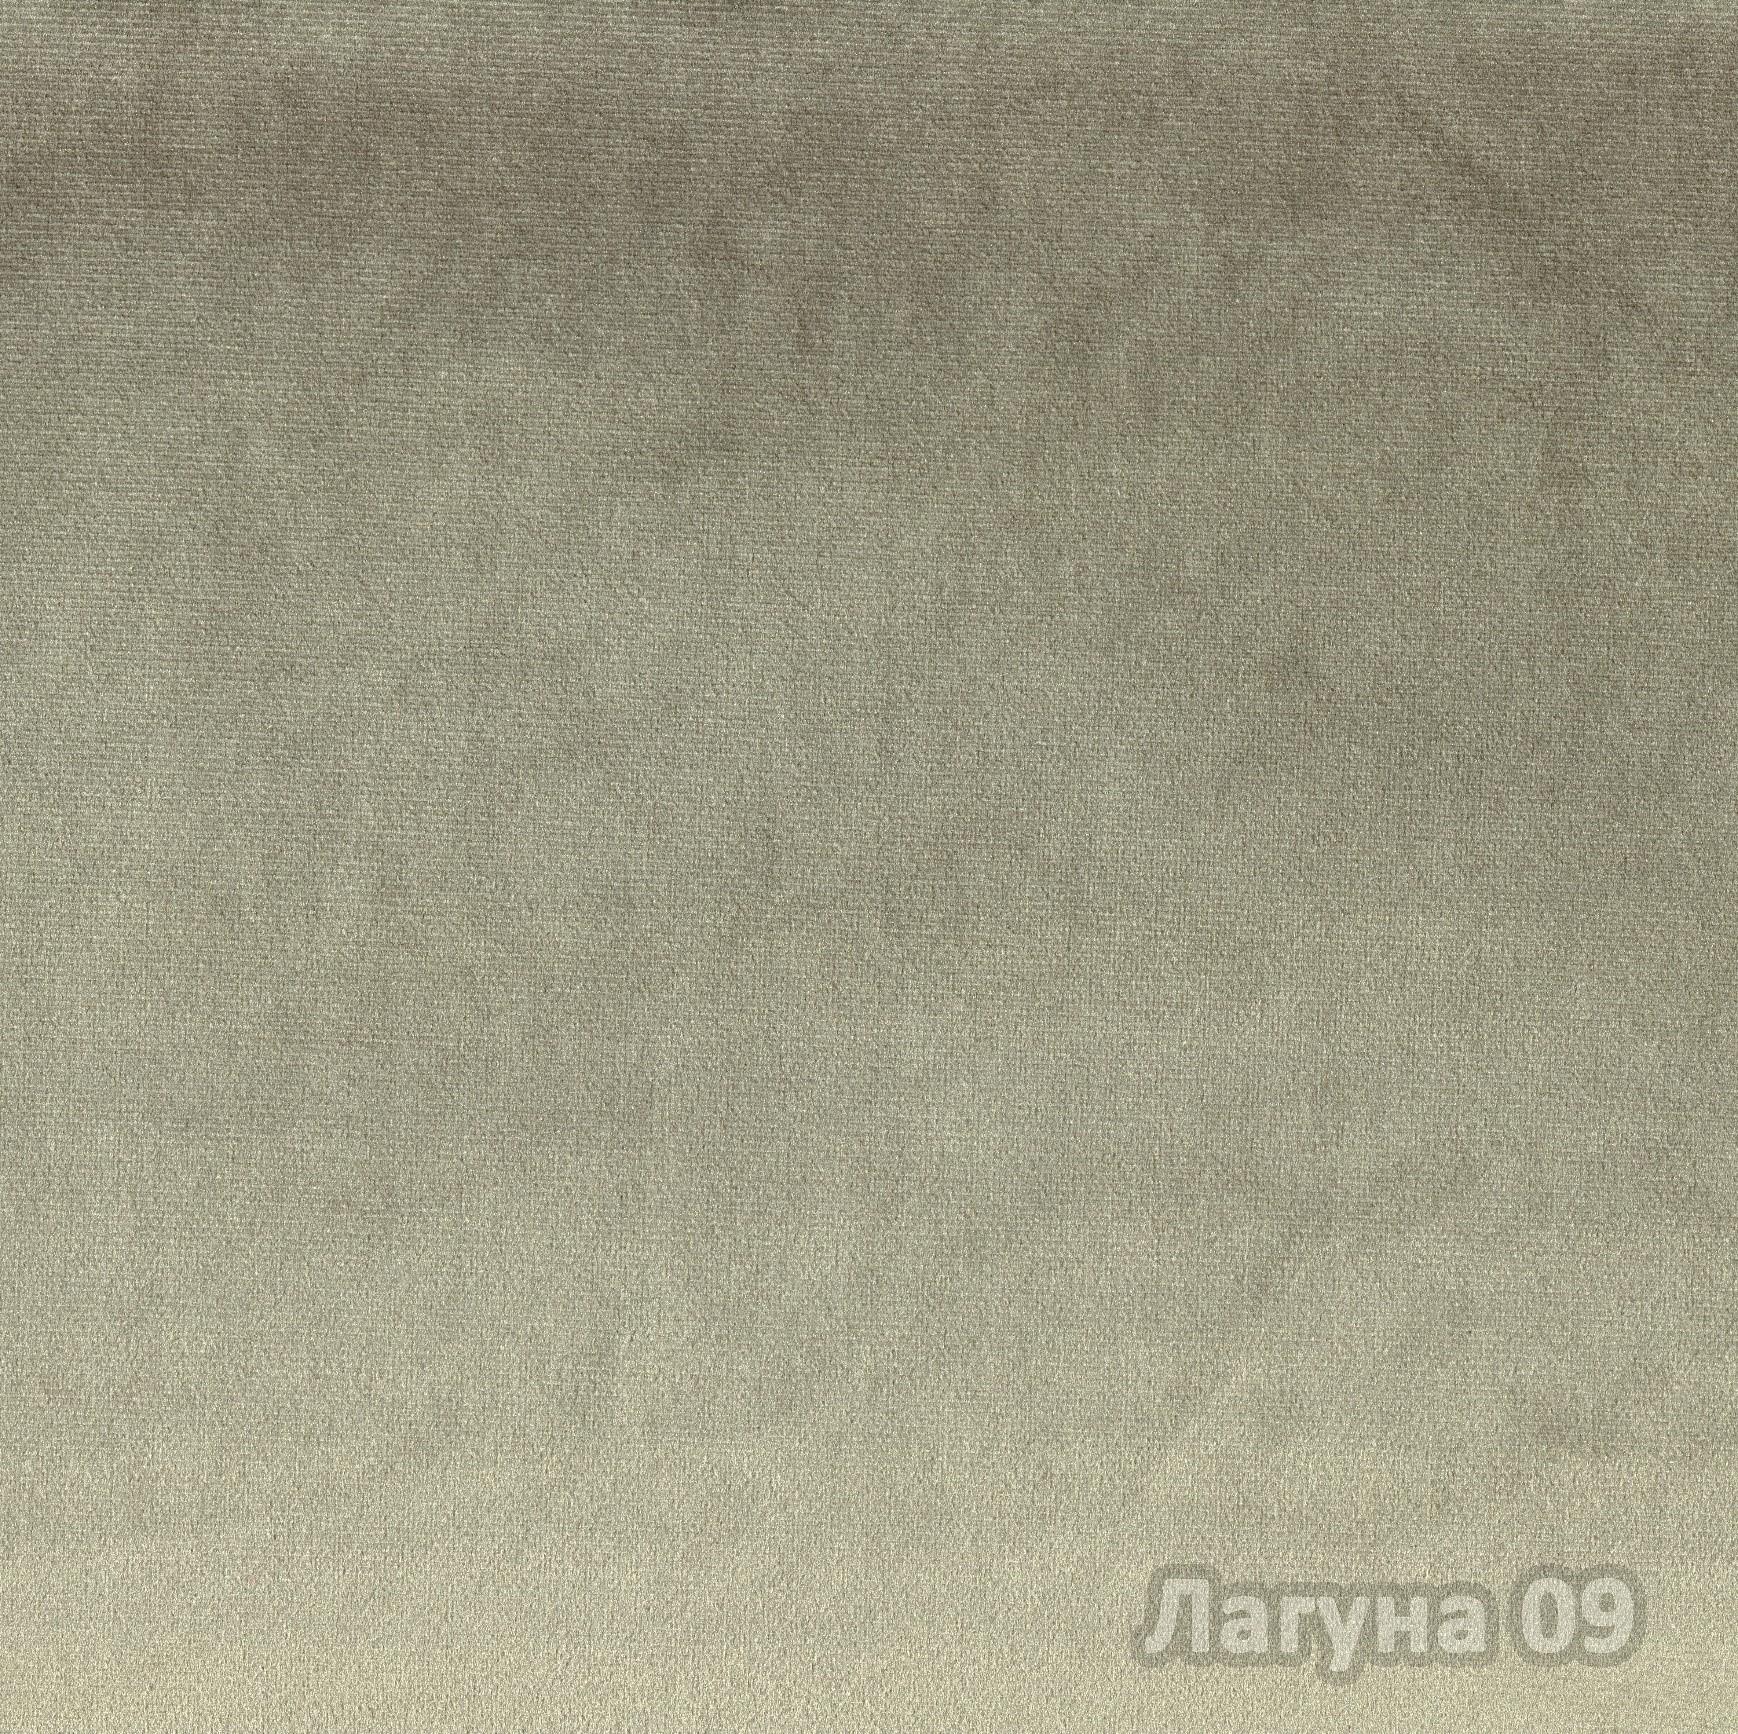 Коллекция ткани Лагуна 9,  купить ткань Велюр для мебели Украина